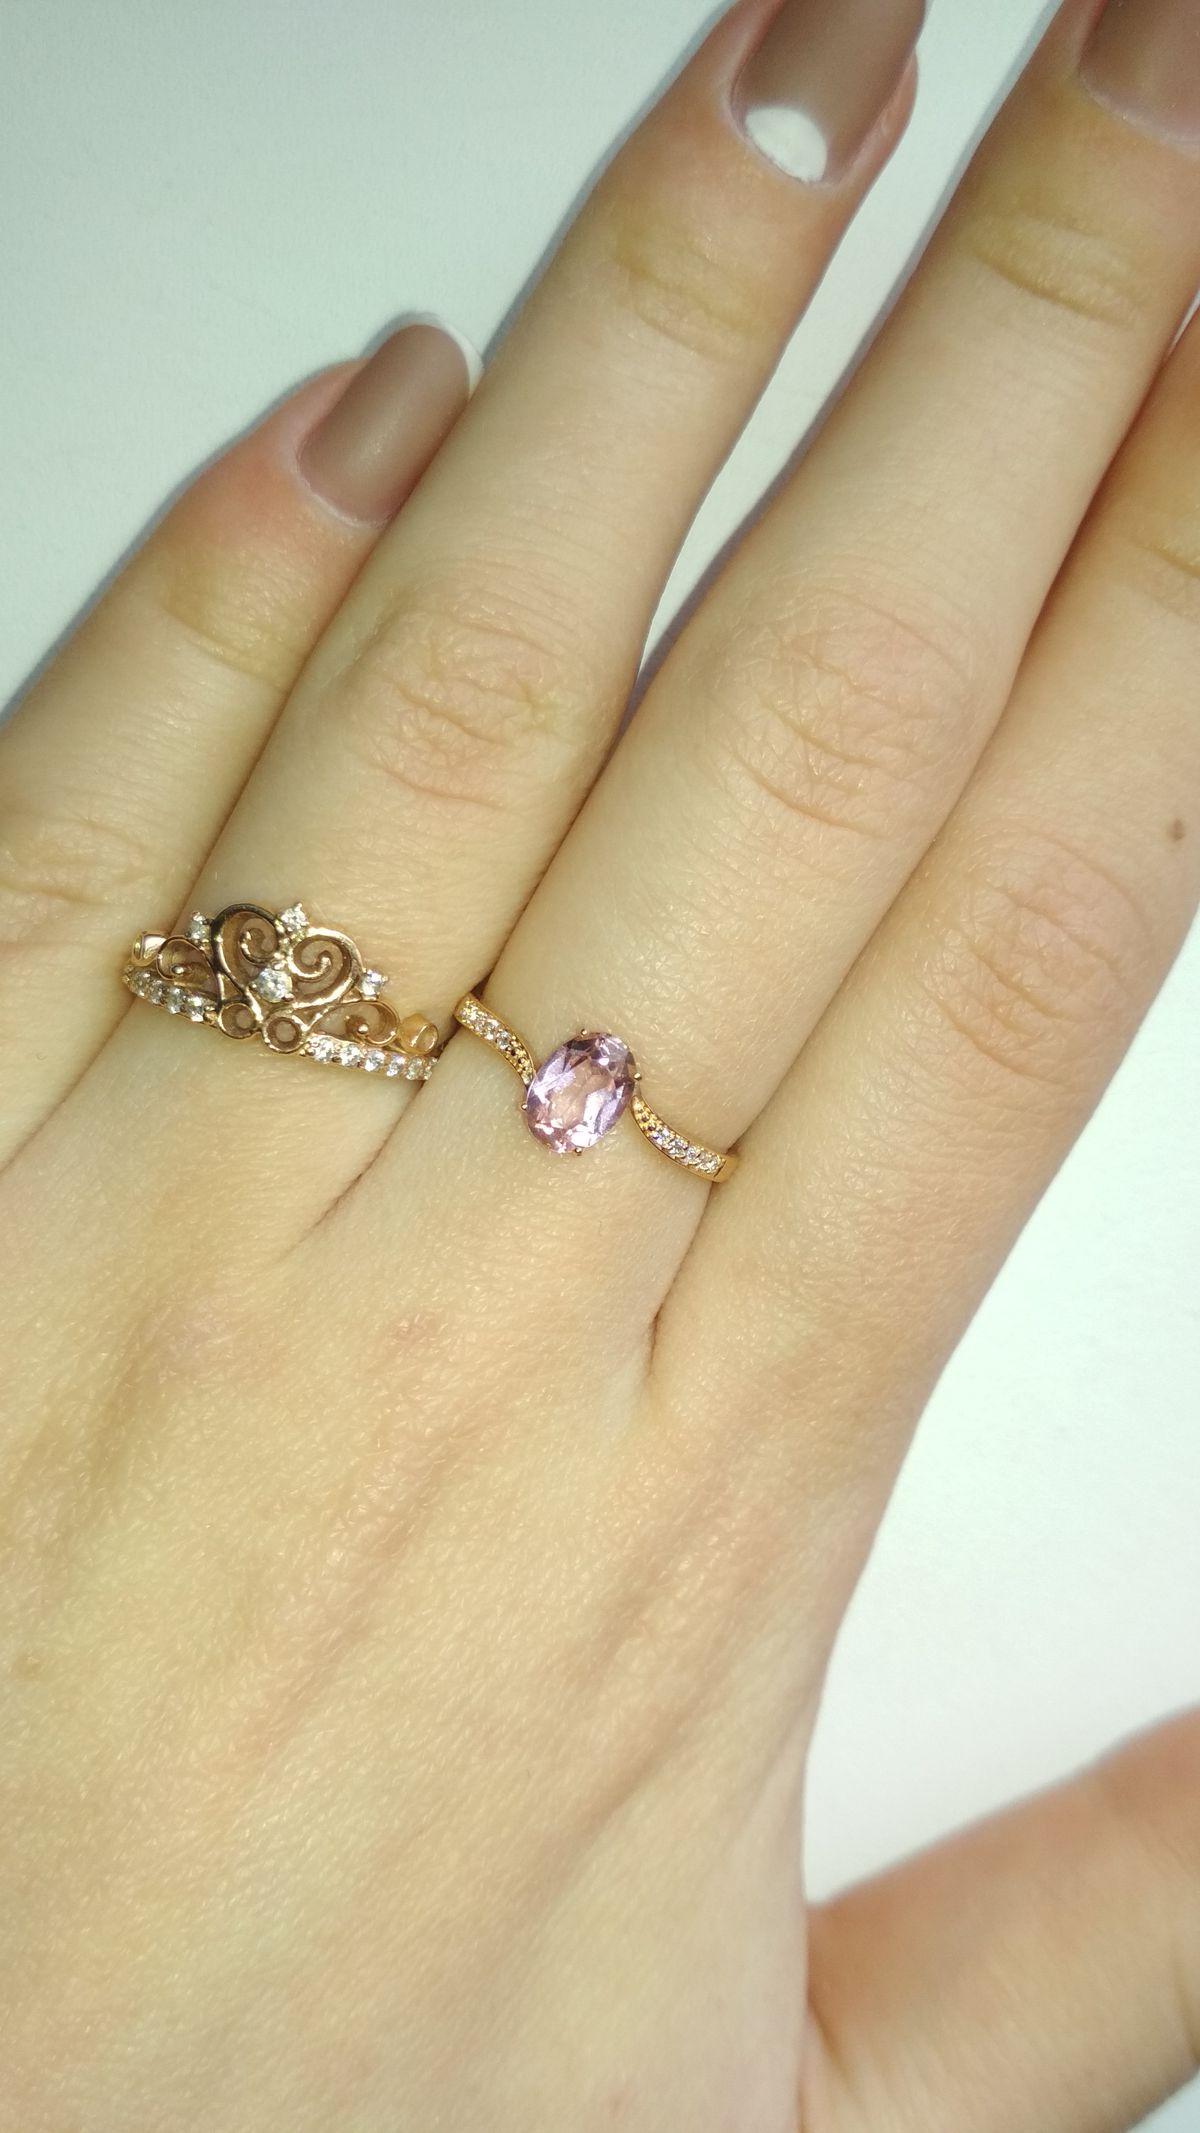 Красивое кольцо, купила со скидкой 50%